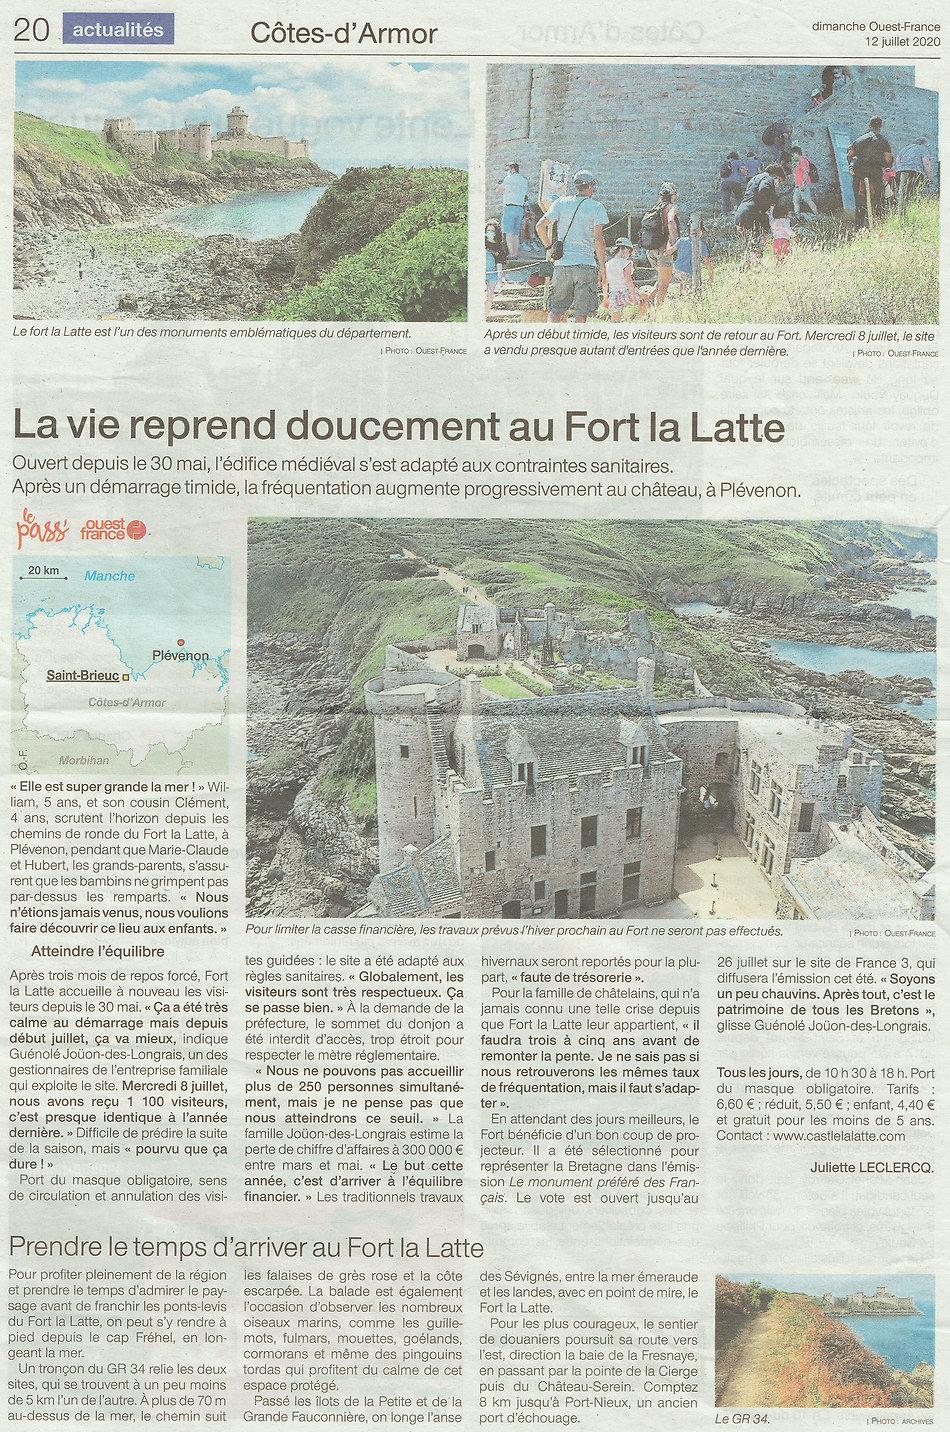 article de presse 2021 La vie reprend château de la roche goyon Fort La Latte.jpg